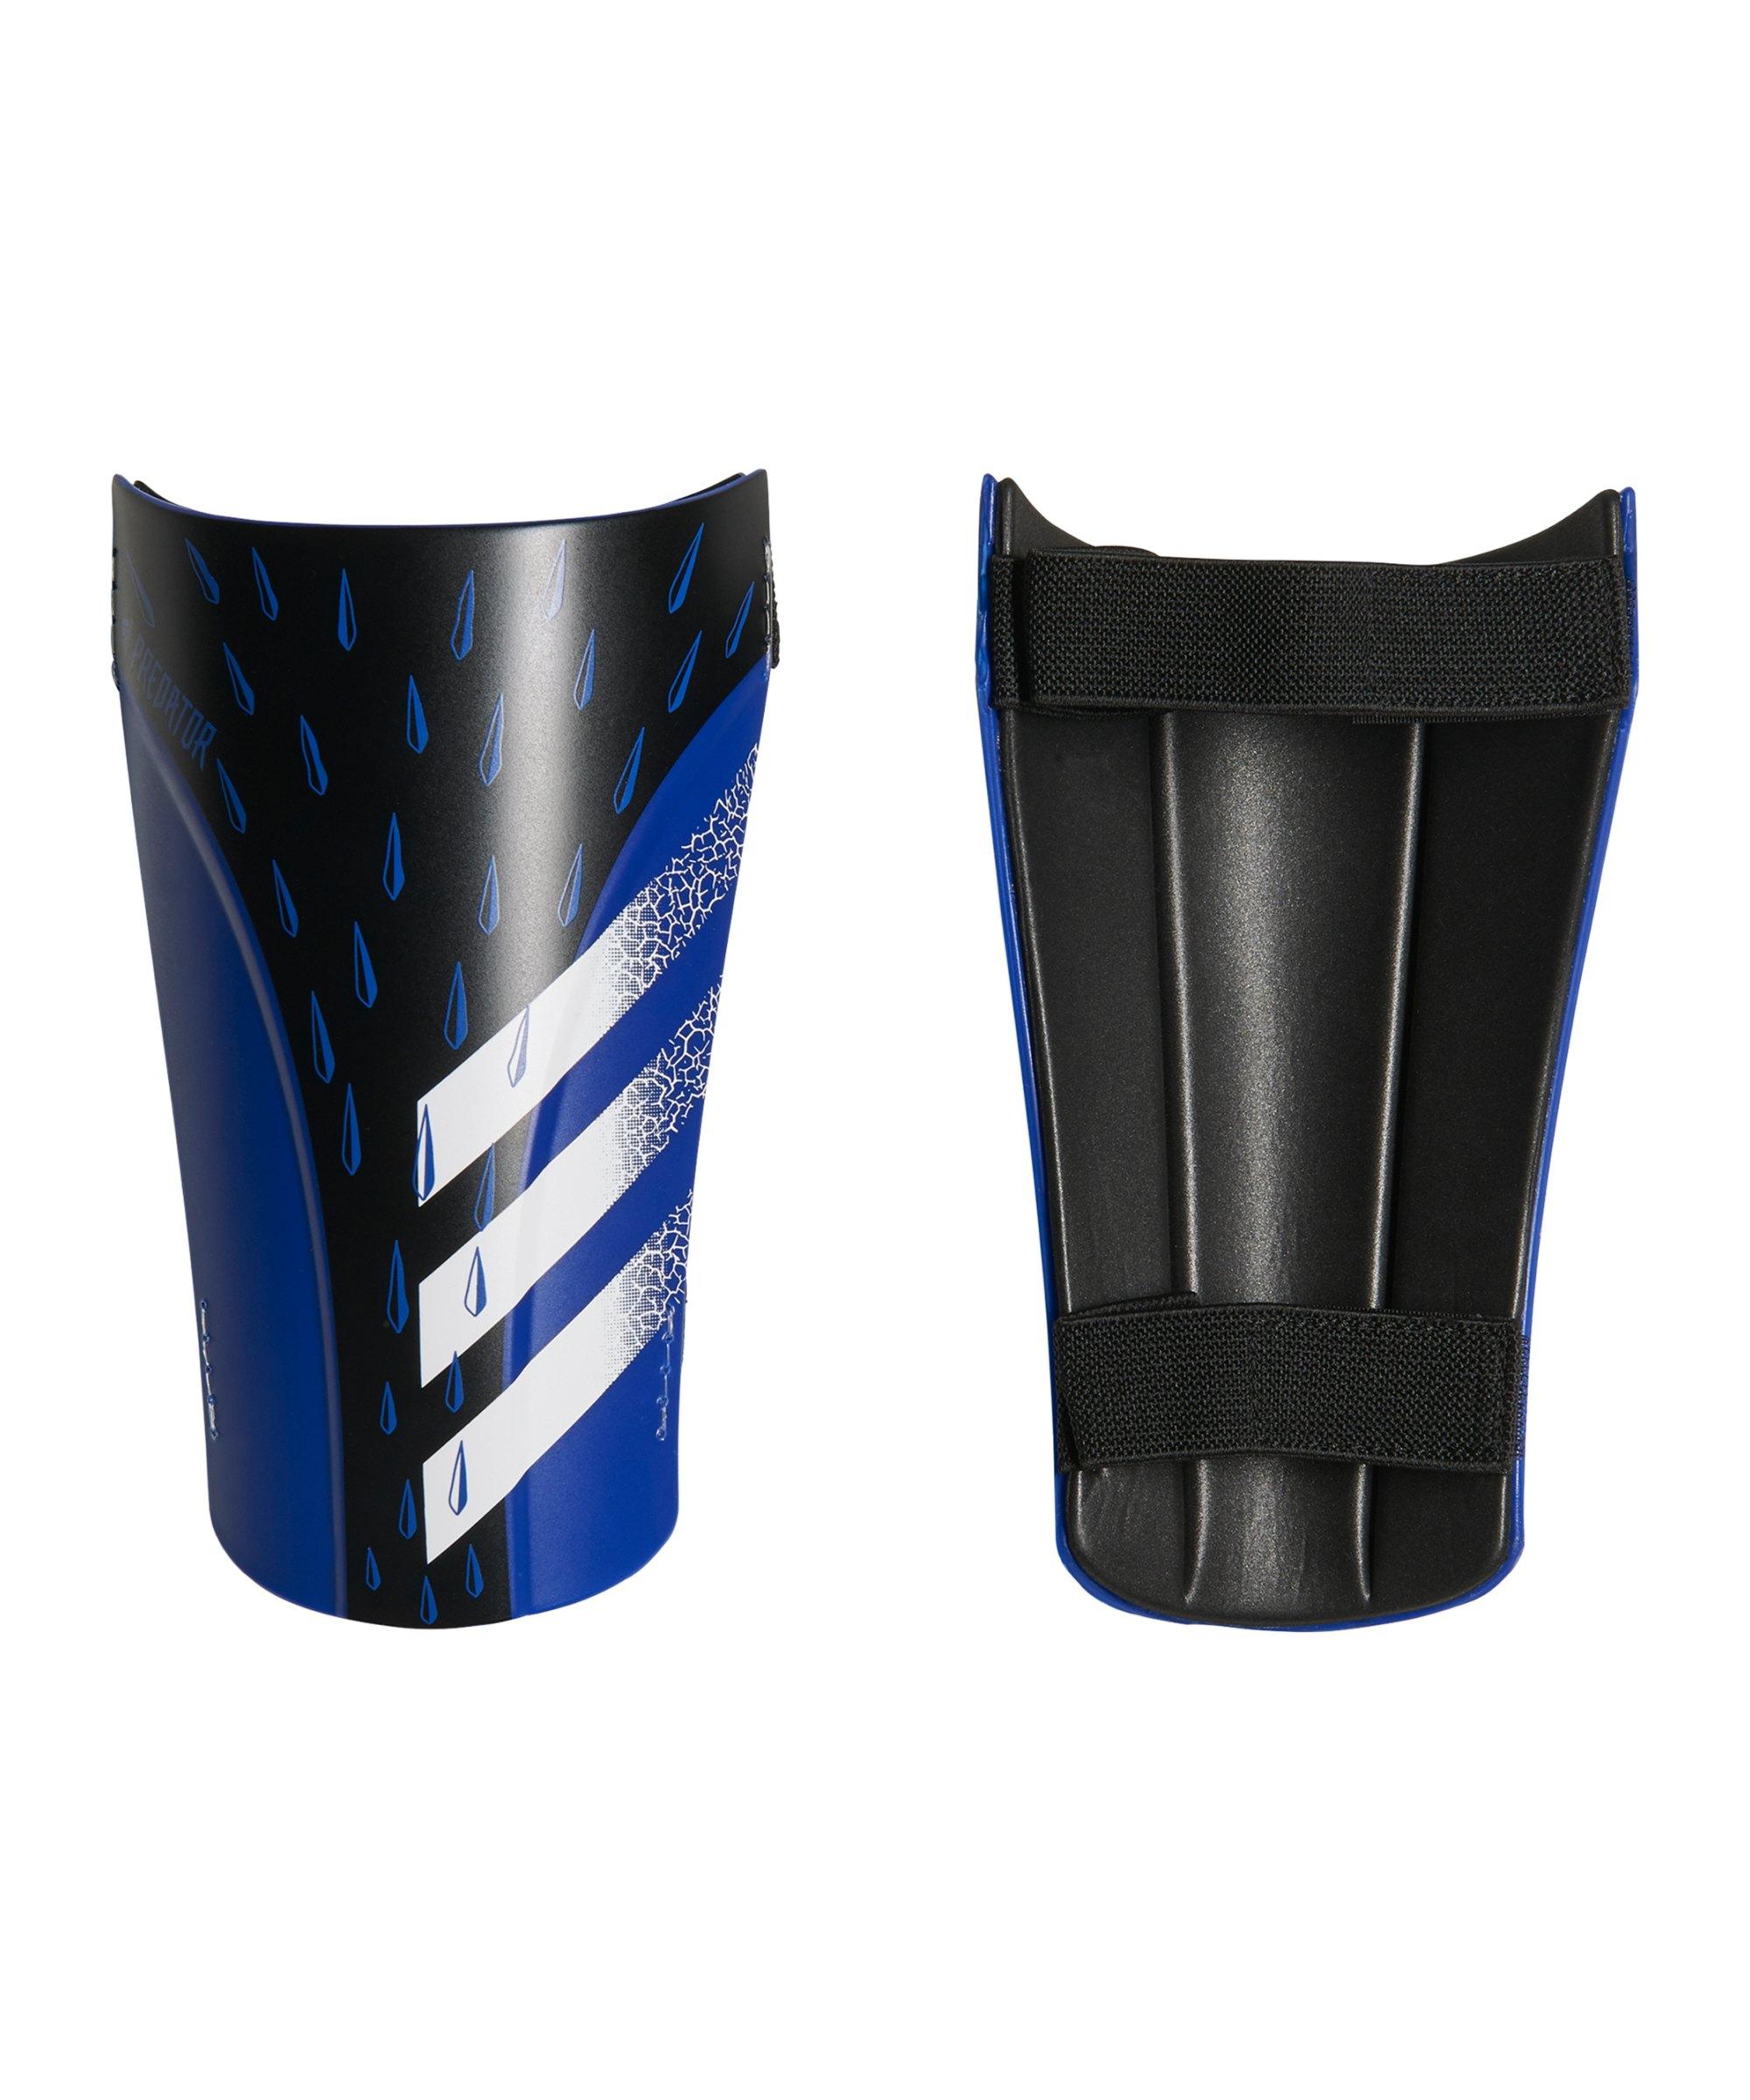 adidas Predator TRN Superlativ Schienbeinschoner Blau - blau